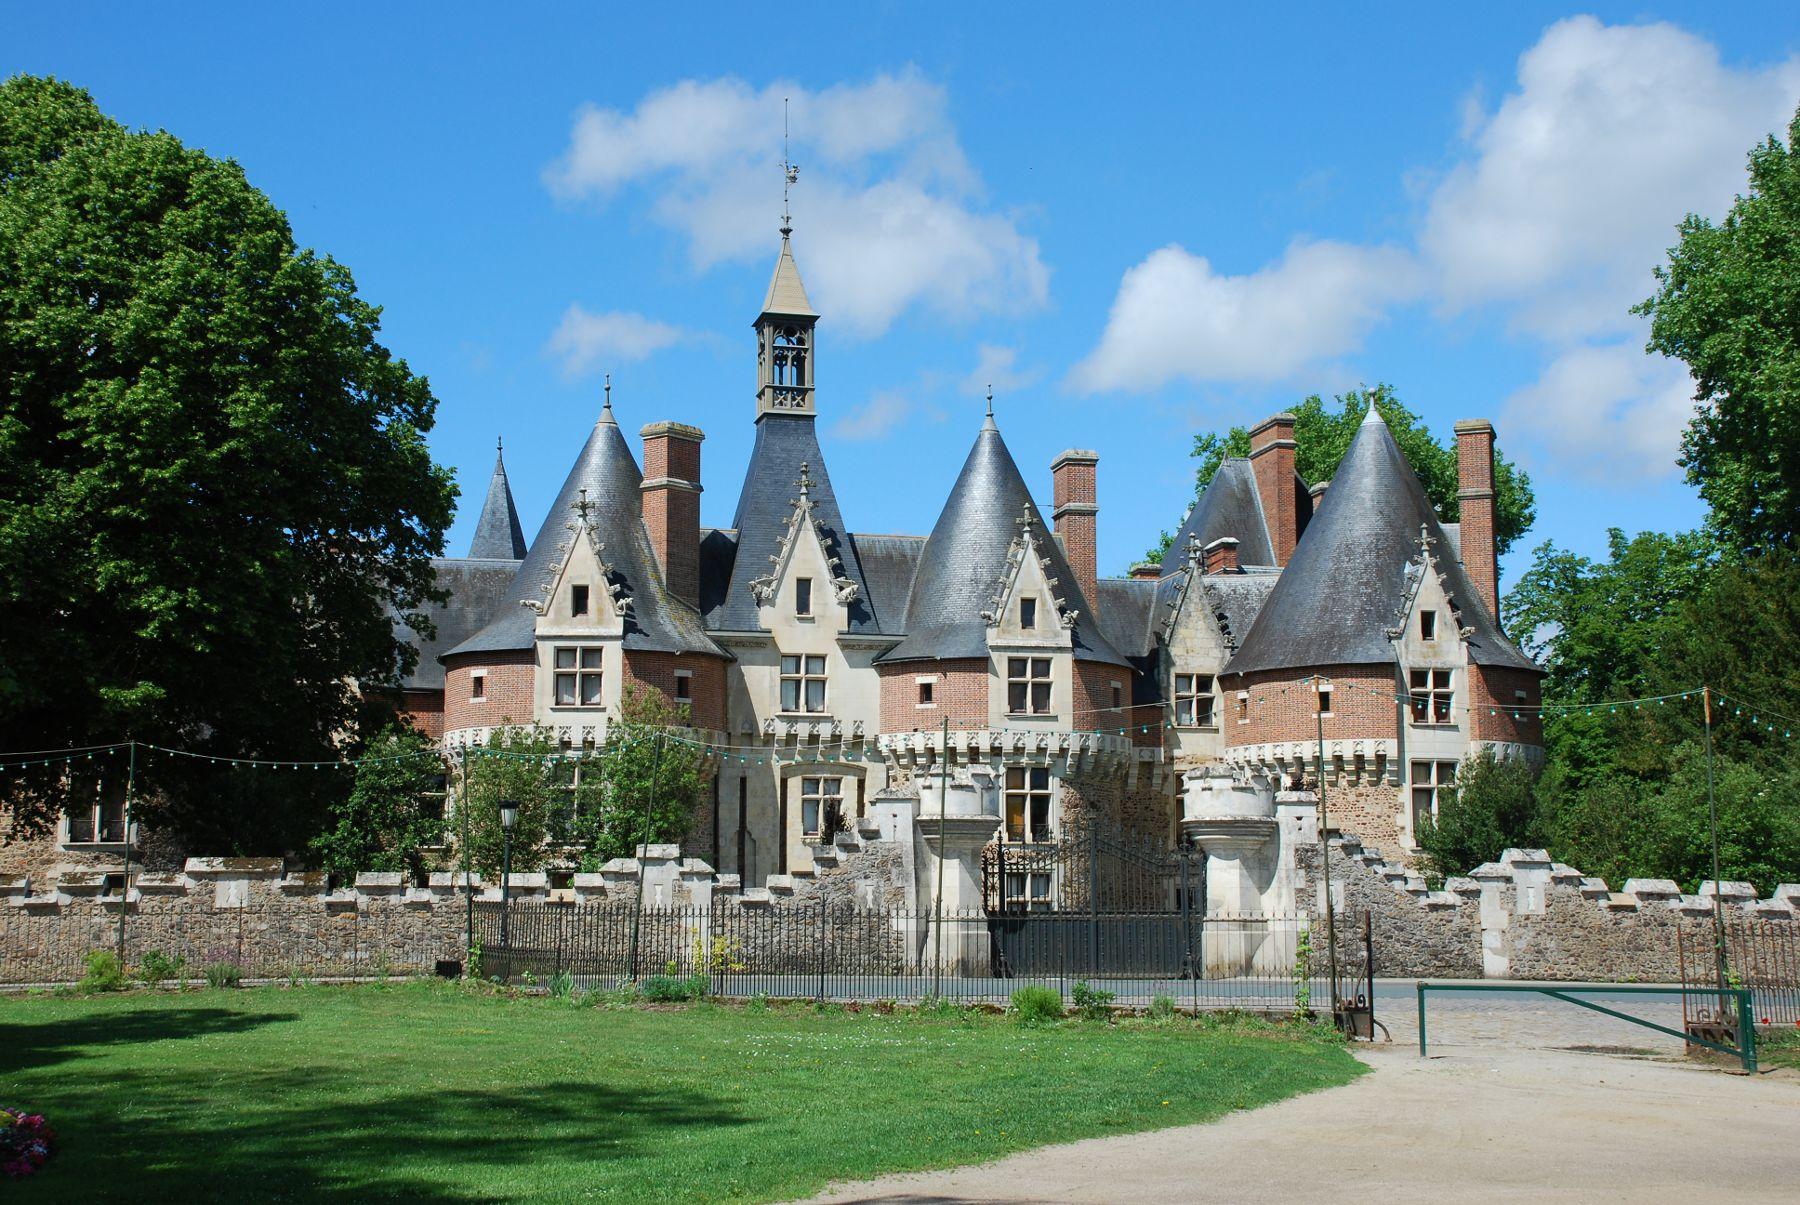 Bonnétable - Le château est une demeure seigneurale édifiée en 1479 - Cette résidence domaniale remplace une forteresse élevée au XIème siècle (Source Internet, www.all-free-photos.com)